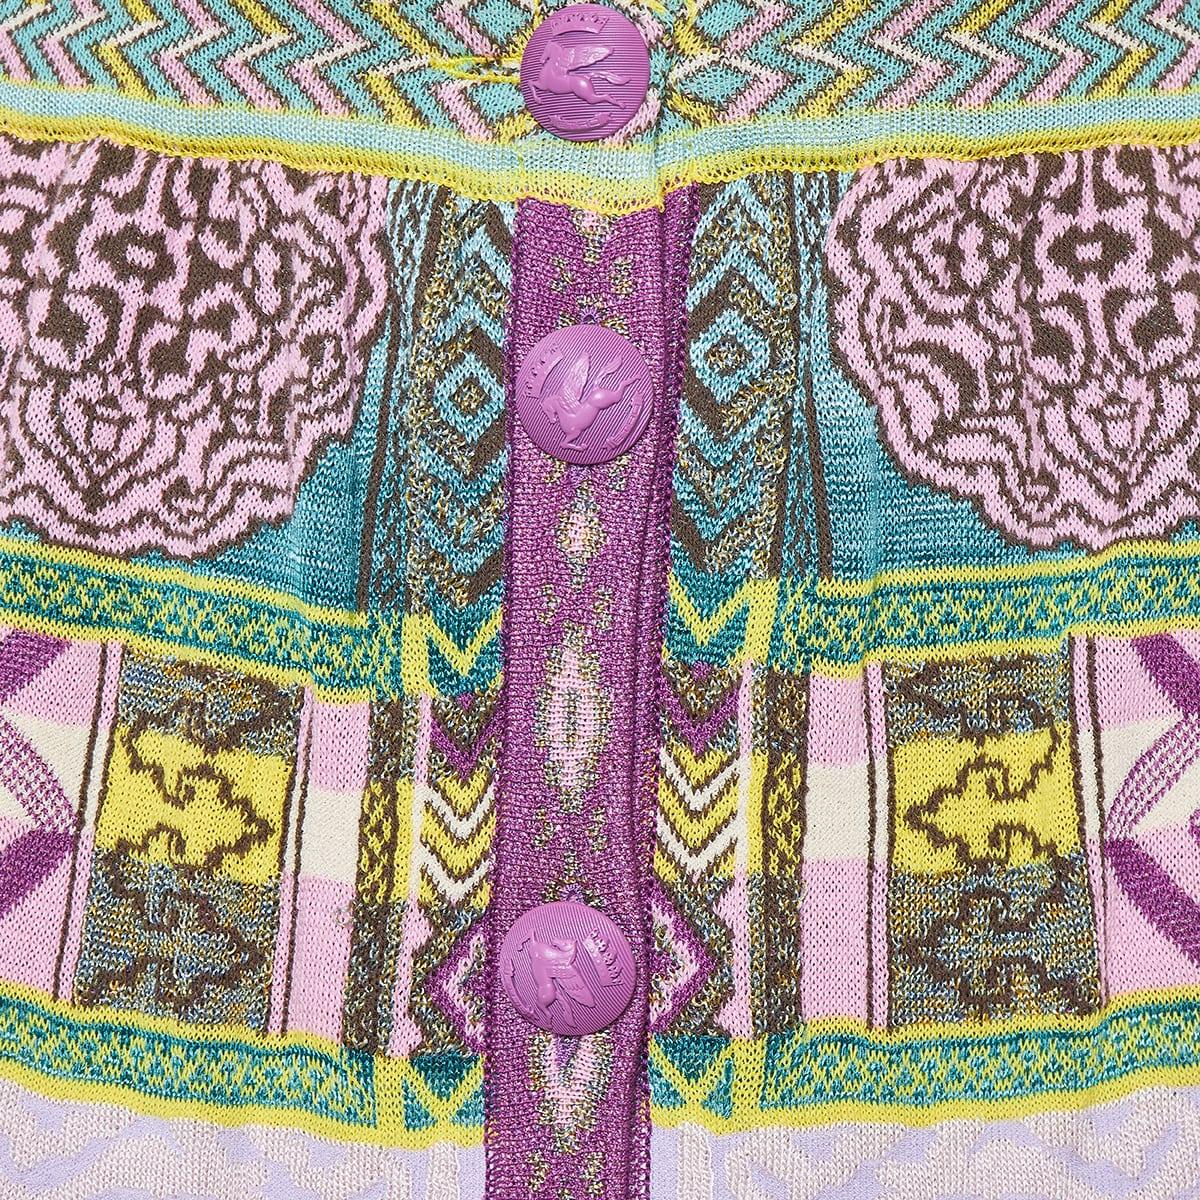 Jacquard-knit patterned pencil skirt